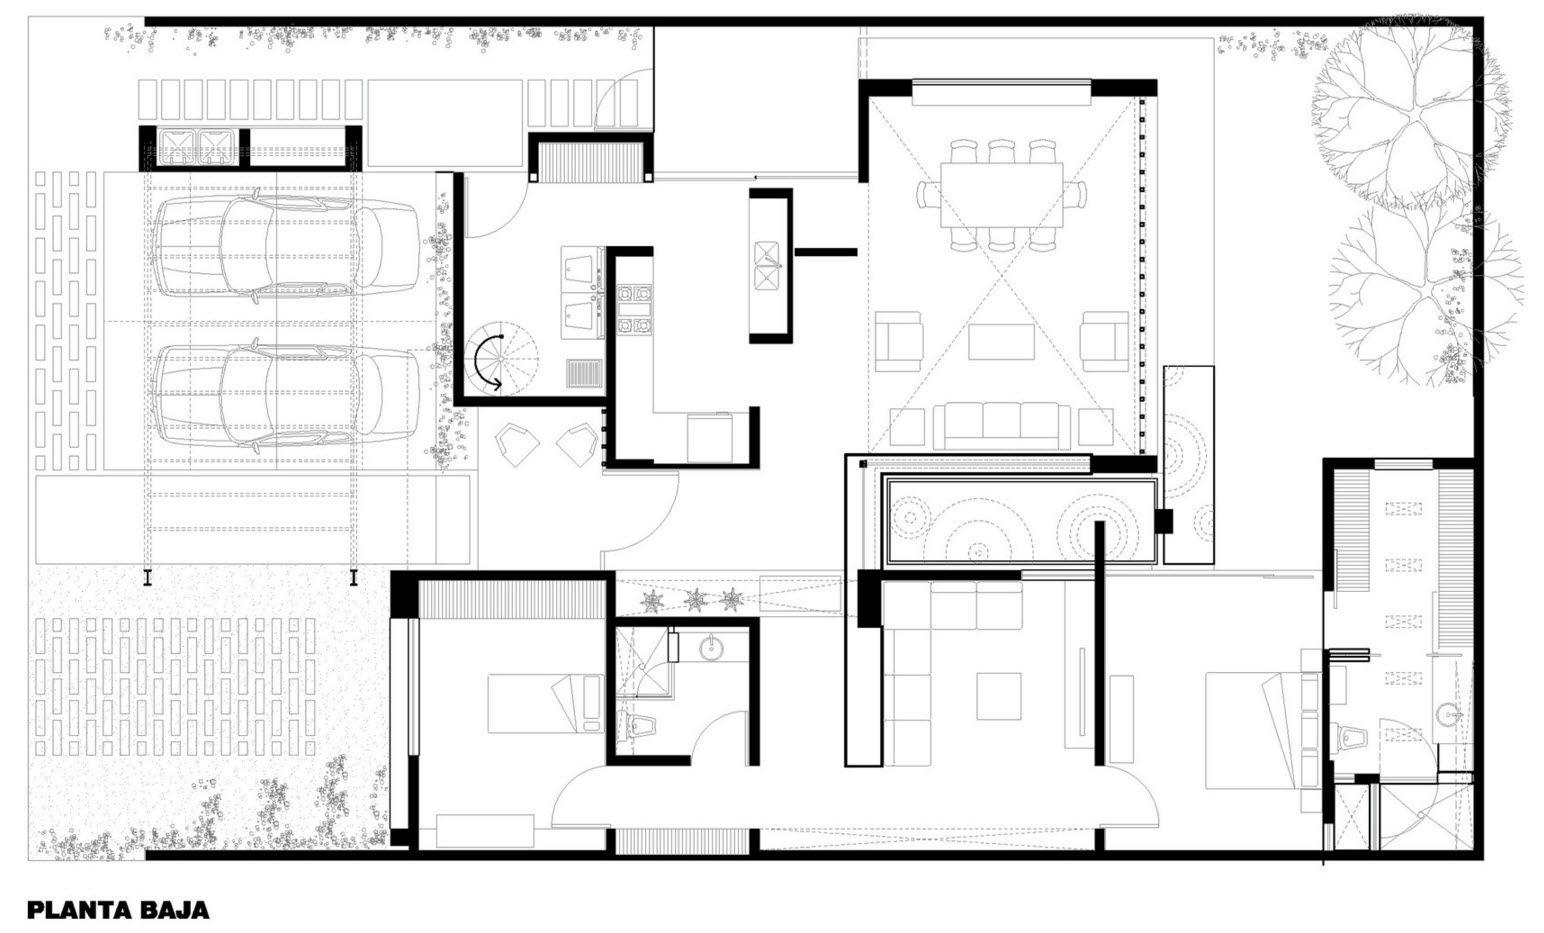 Dise o de casa moderna de un piso con tres dormitorios for Casa moderna flooring